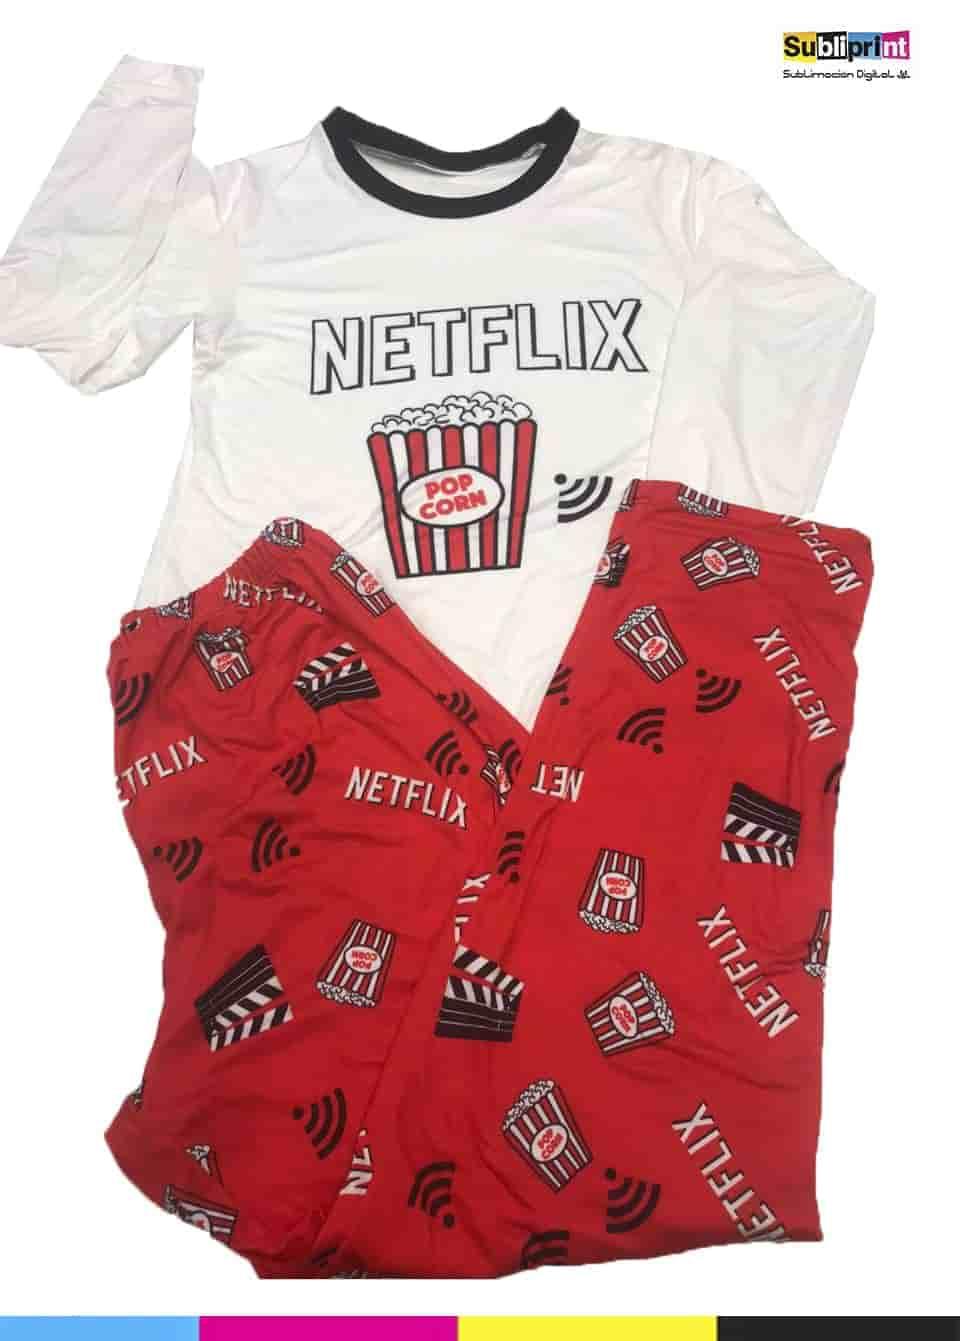 pijama sublimada de netflix